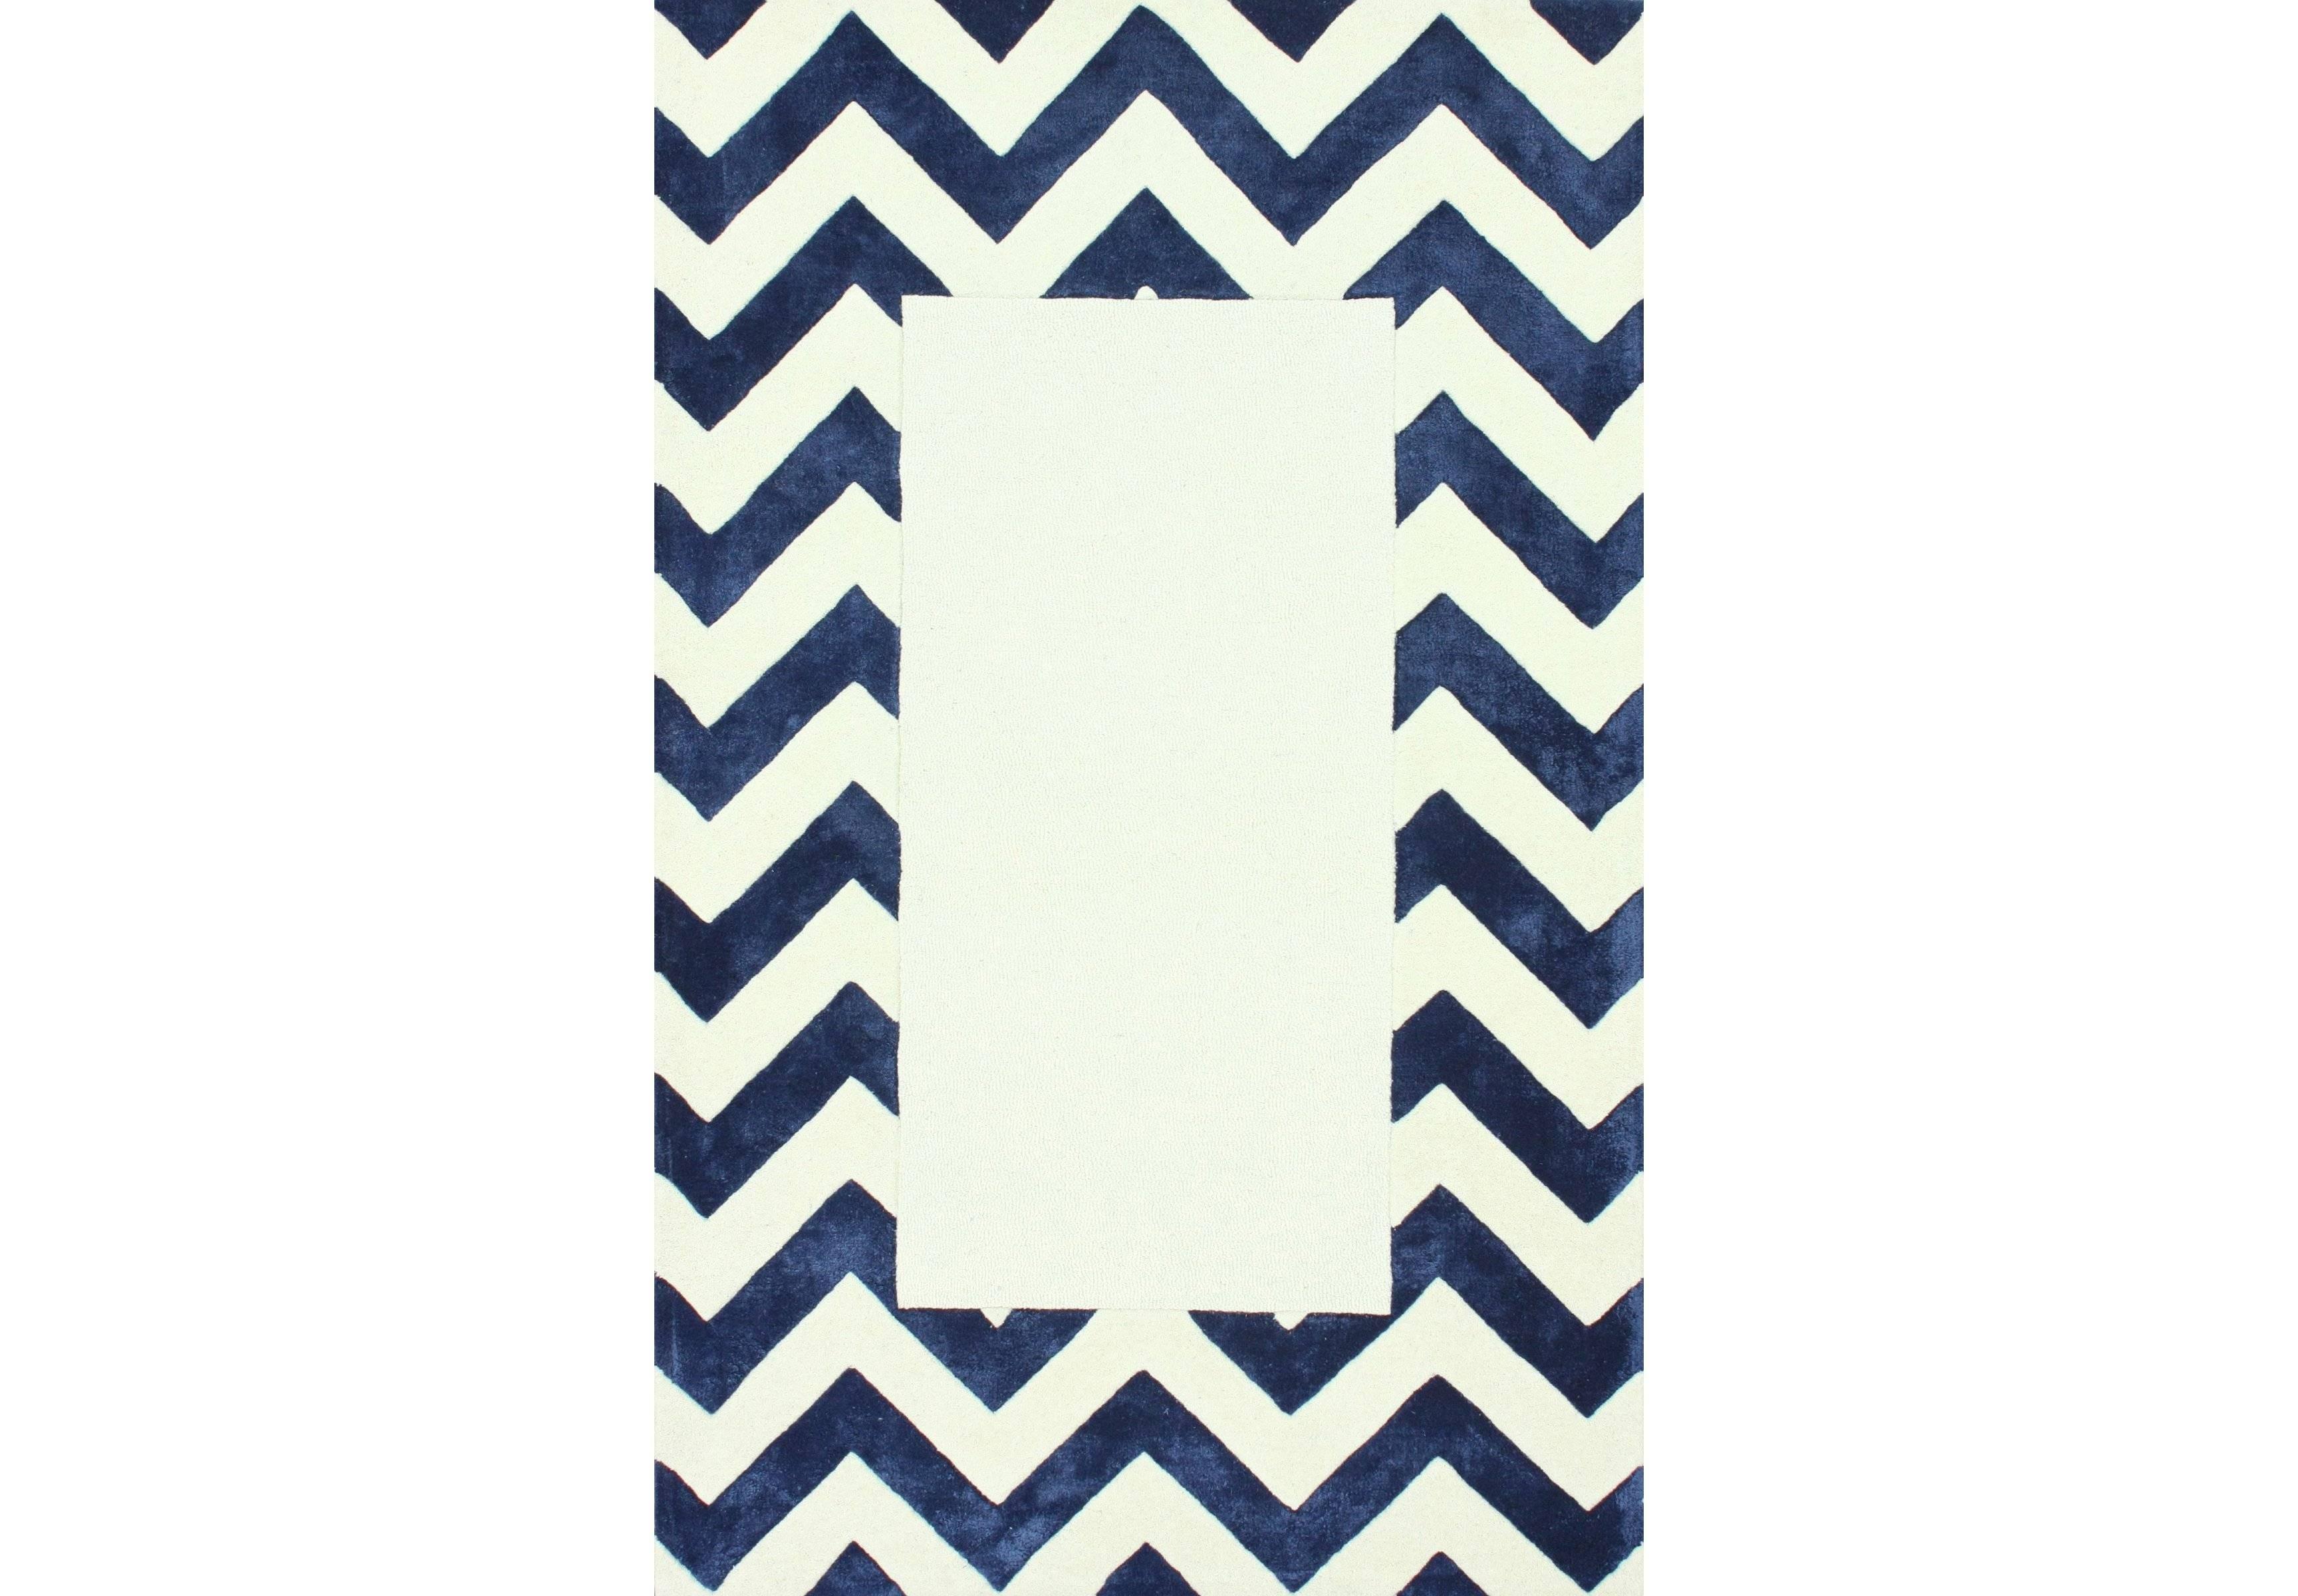 Ковер Zig-zag 330х240Прямоугольные ковры<br>Бело-синий ковер с рисунком зиг-заг (шеврон) искусно сочетает в себе модный рисунок и классику вне времени. Ковер с таким узором легко сделает современным, интерьер в любой комнате. Выполненный по технологии ручного тафтинга, из настоящей шерсти — придаст тепла и мягкости вашим полам.&amp;amp;nbsp;&amp;lt;div&amp;gt;&amp;lt;br&amp;gt;&amp;lt;/div&amp;gt;&amp;lt;div&amp;gt;Ковер может быть изготовлен в любом из широкого спектра цветов: серый, черный, светло-голубой, бежевый, горчичный, синий, голубой, темно-синий, зеленый, кремовый, розовый, оранжевый.&amp;lt;/div&amp;gt;<br><br>Material: Шерсть<br>Ширина см: 240<br>Глубина см: 330